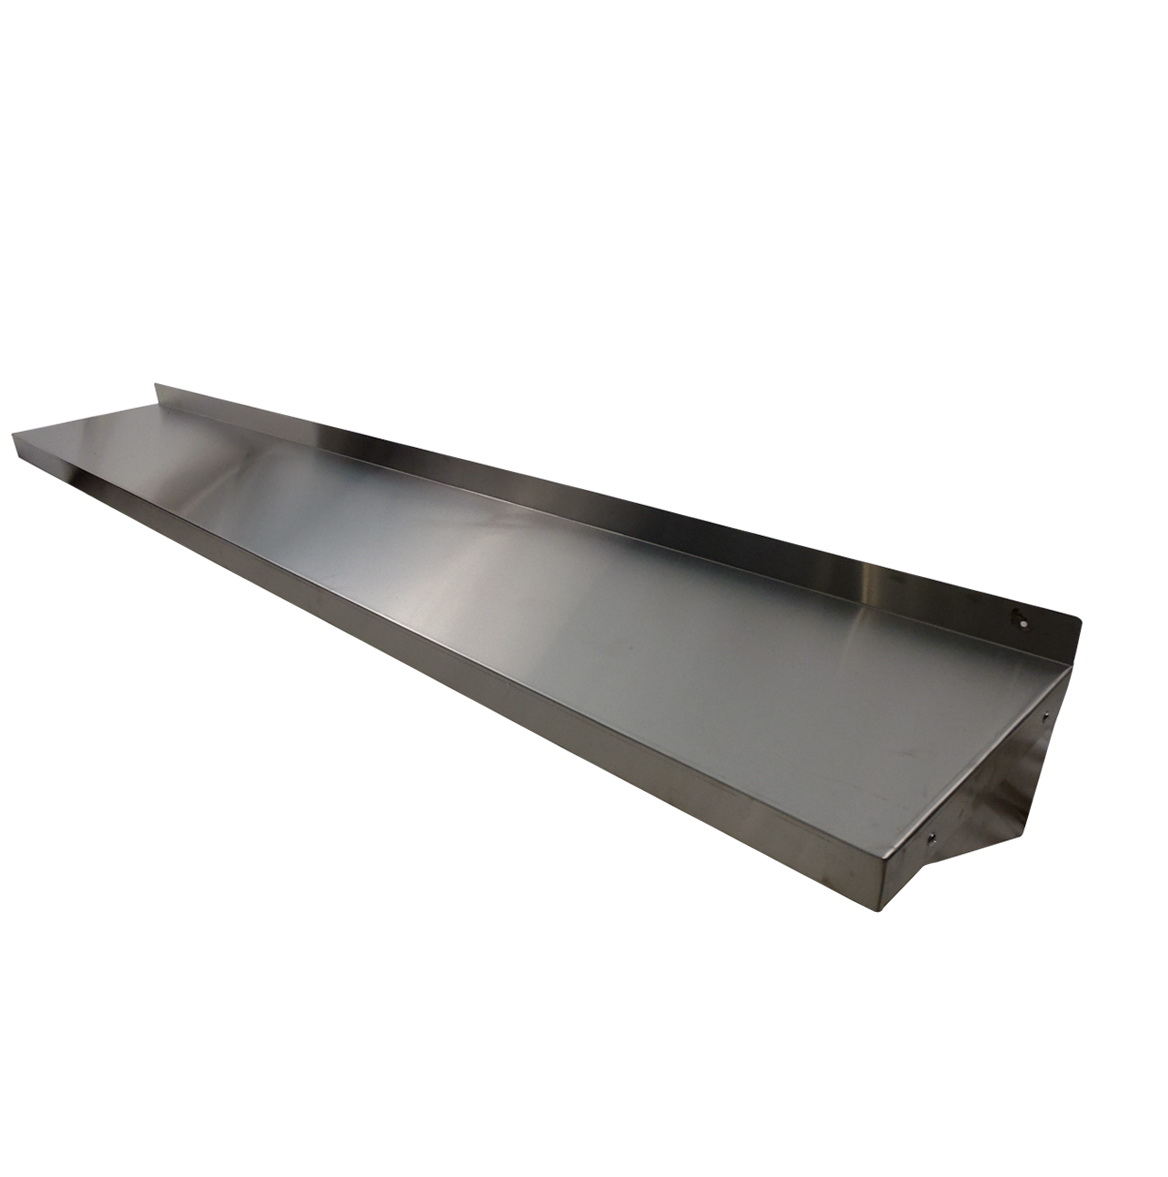 Stainless Steel Wall Shelves Uk